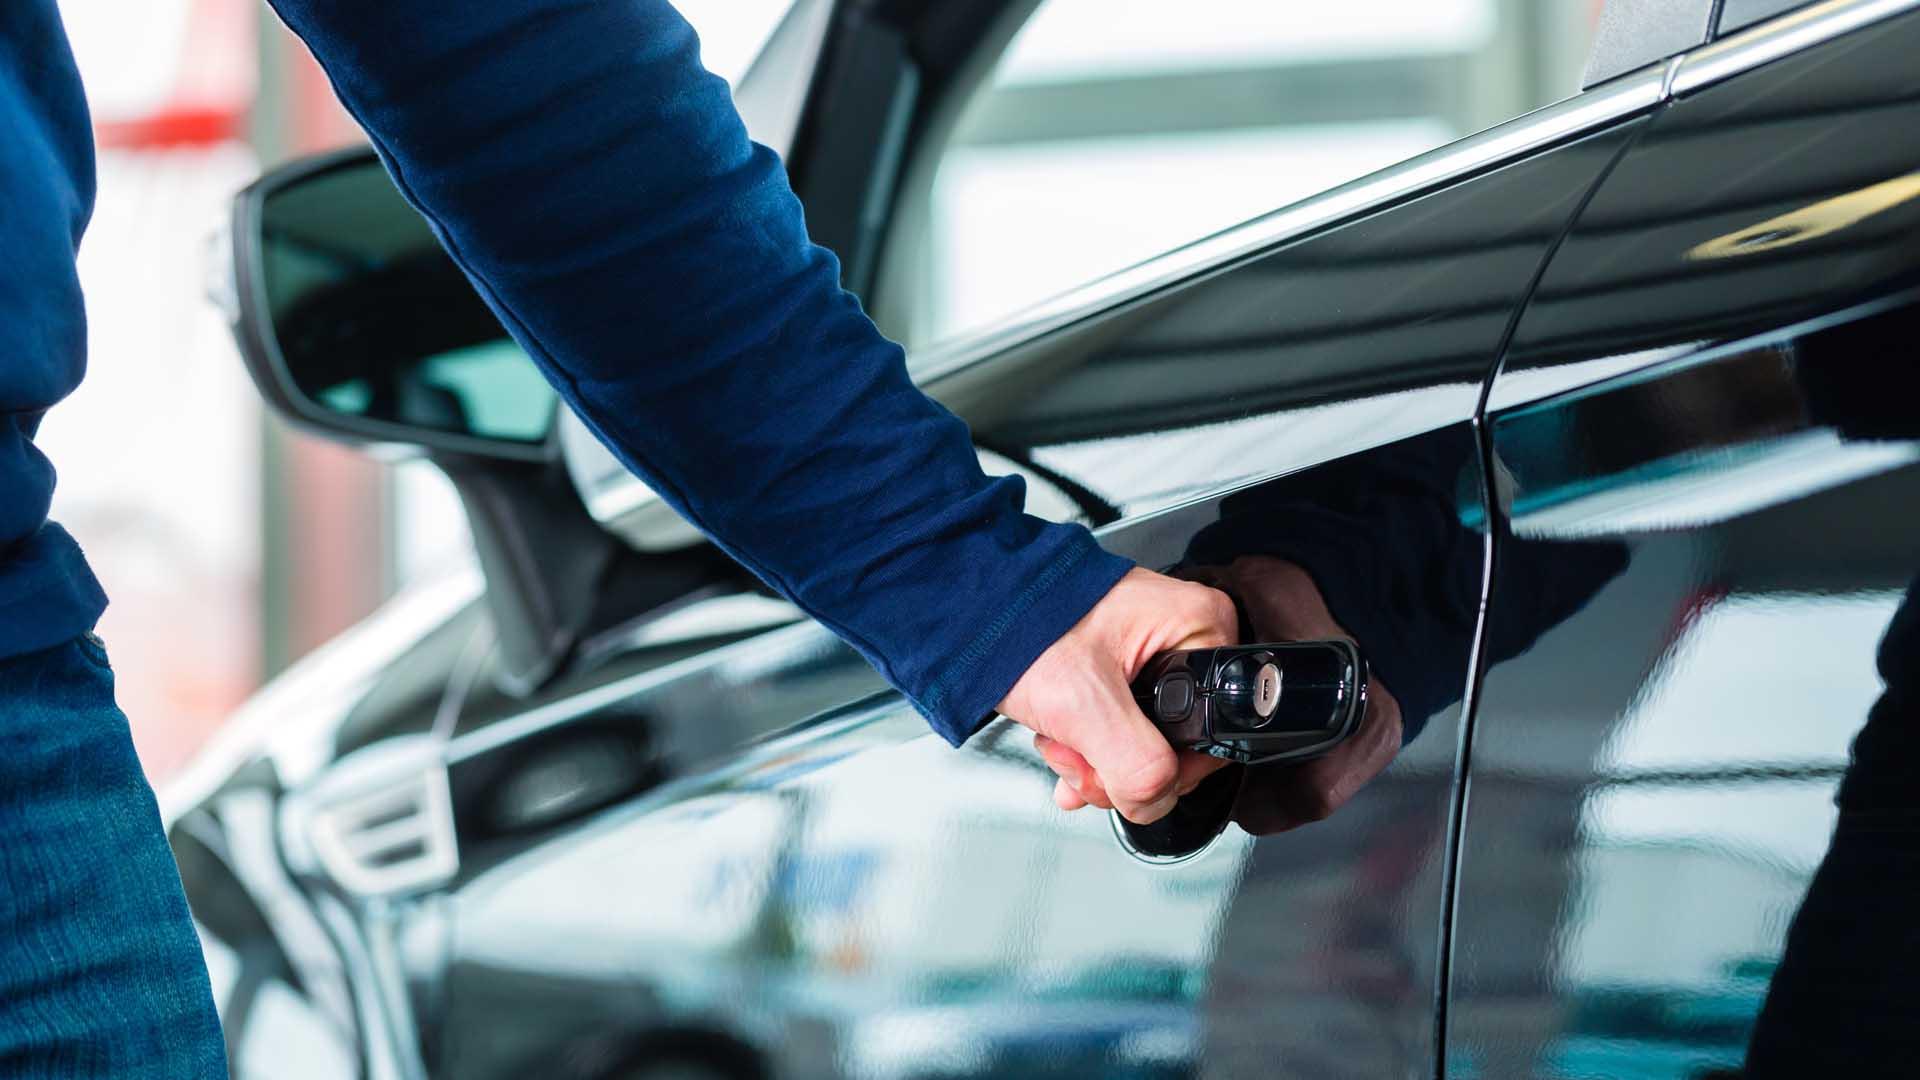 ¿Comprar o no auto? Piénsalo dos veces antes de hacerlo   El Imparcial de Oaxaca